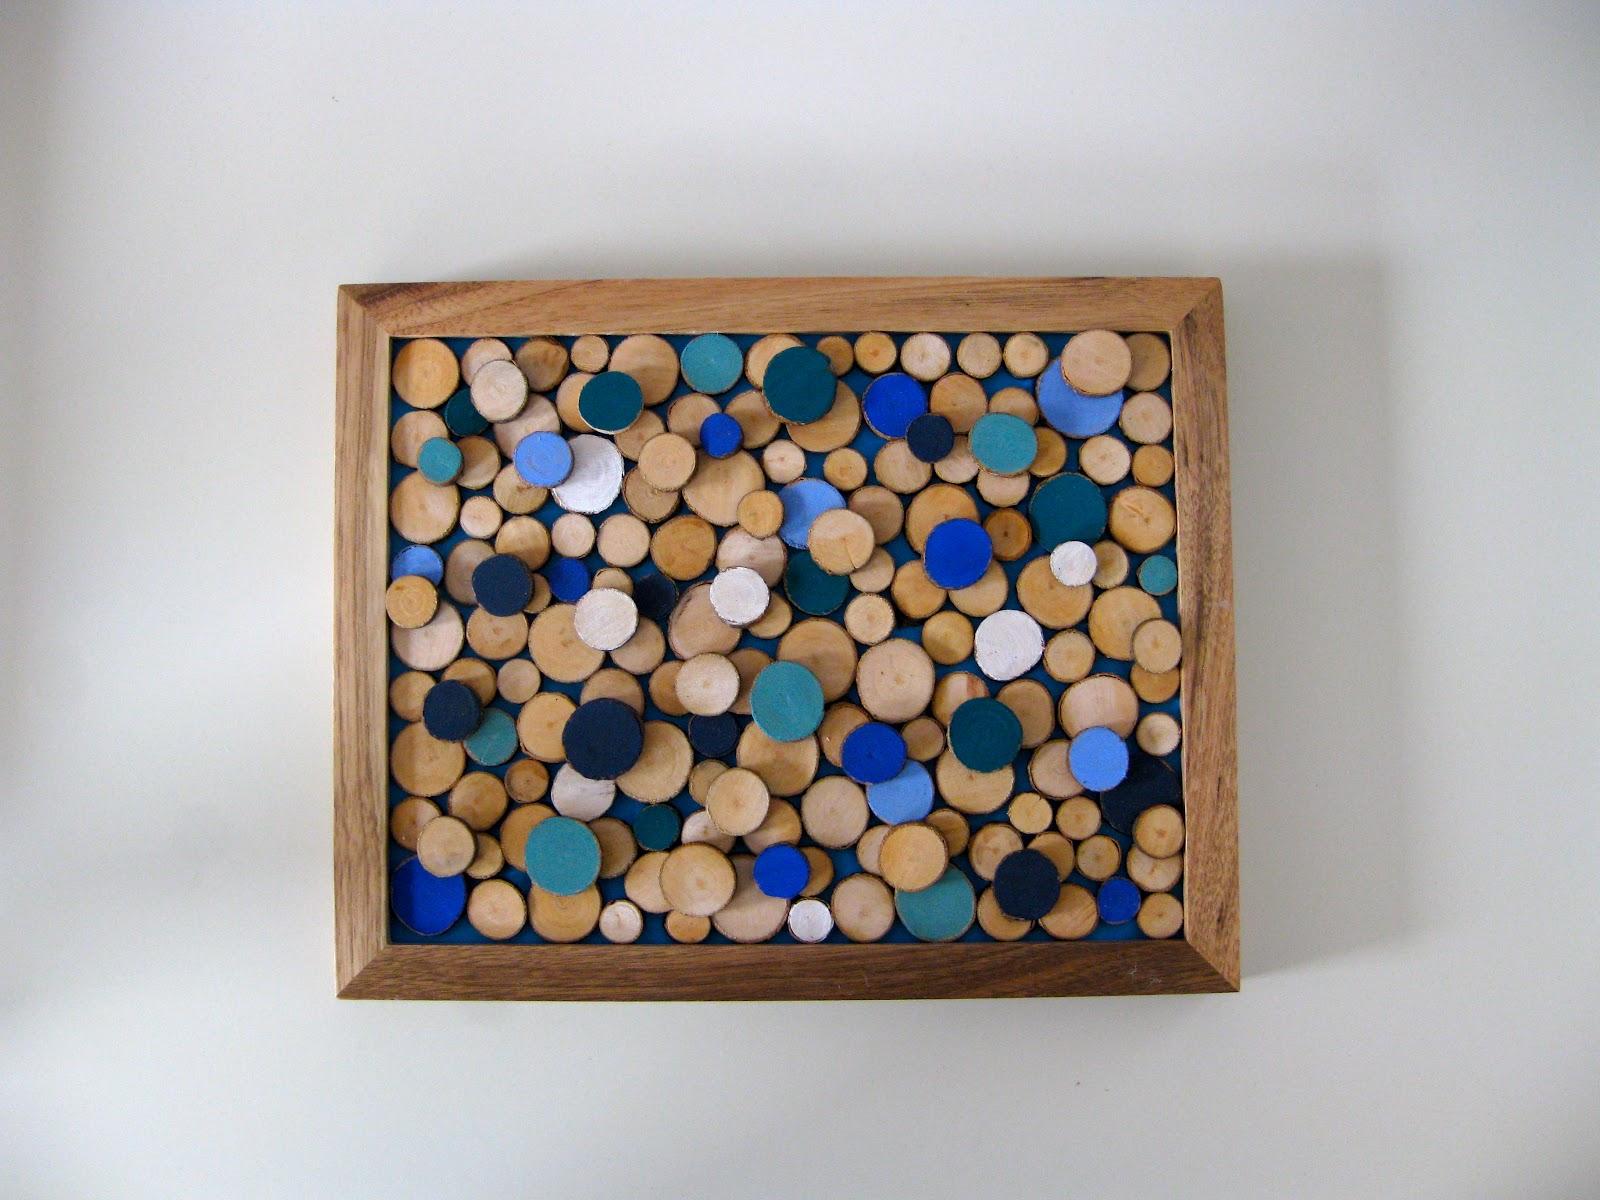 Knutselen met hout 3 - Kleur schilderij slaapkamer volwassenen ...